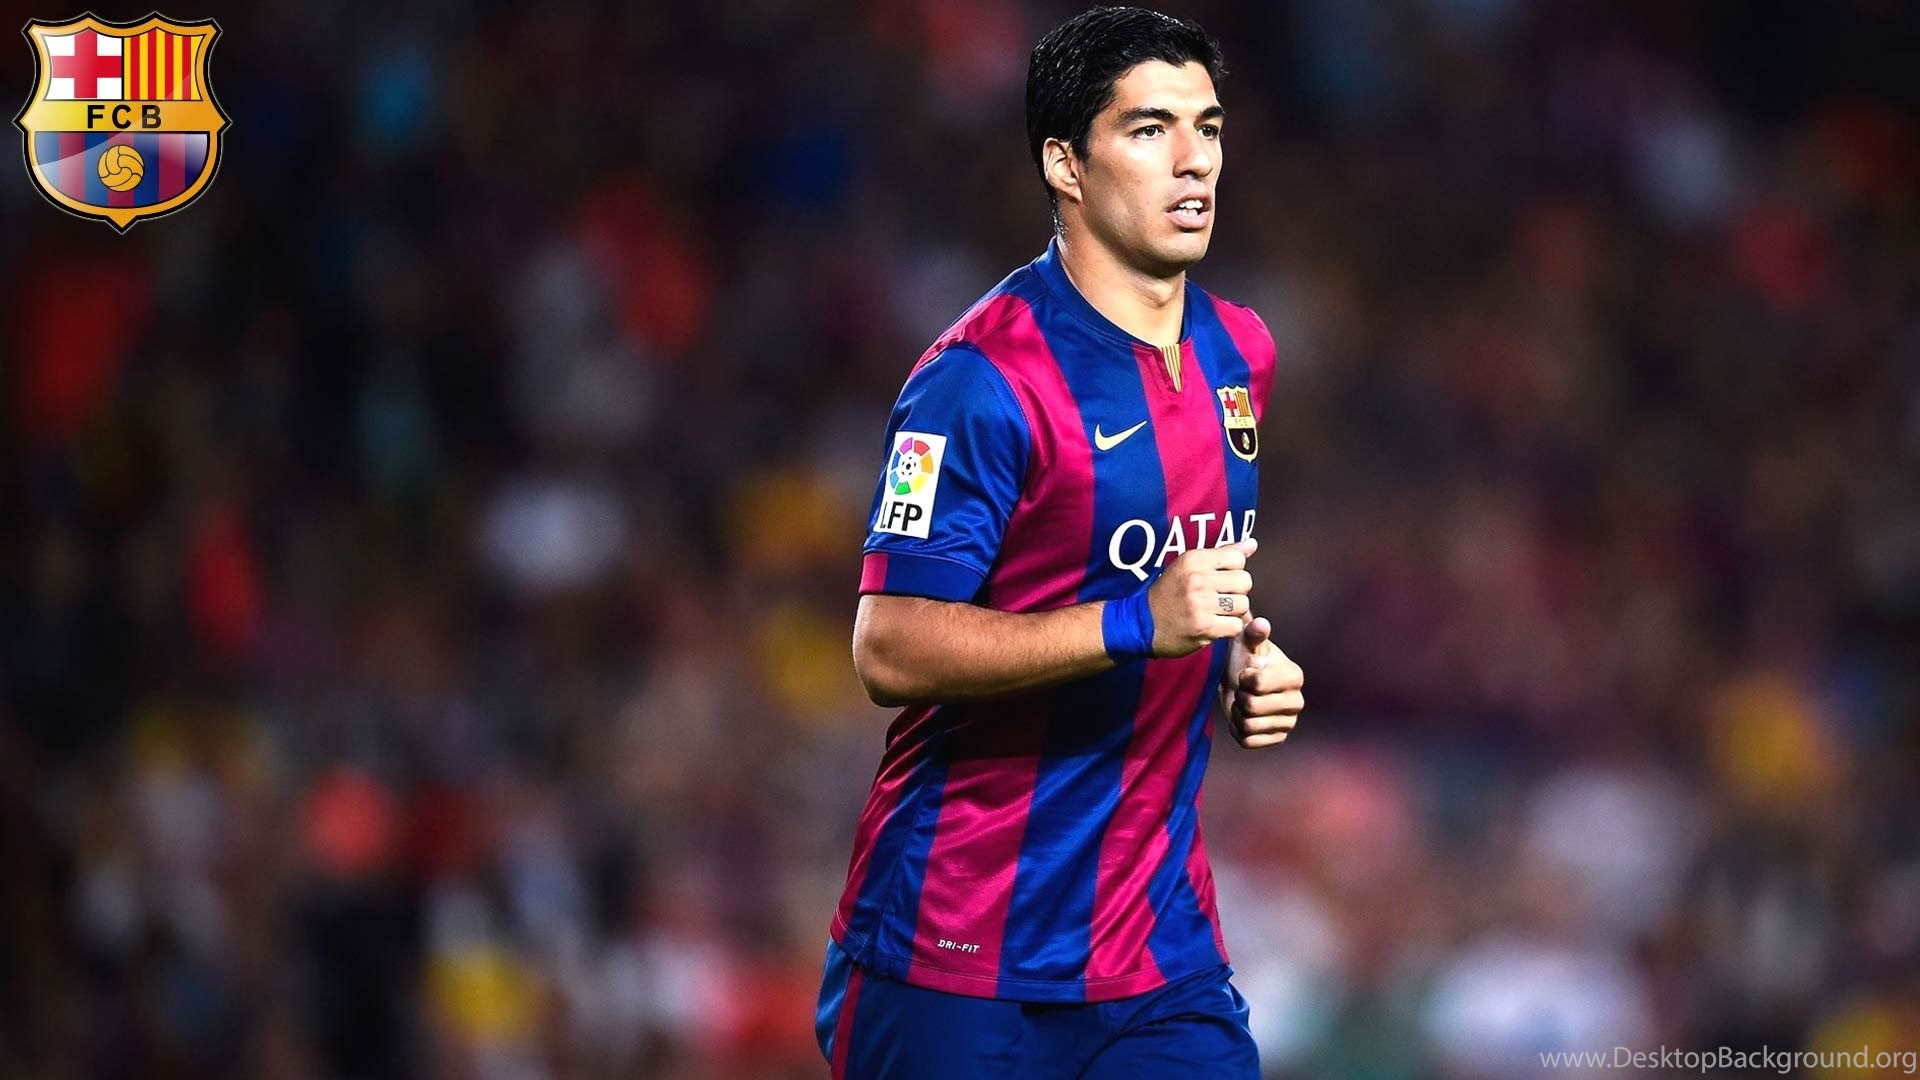 Luis Suarez 2015 Fc Barcelona Wallpapers Hd 1080p For Desktop